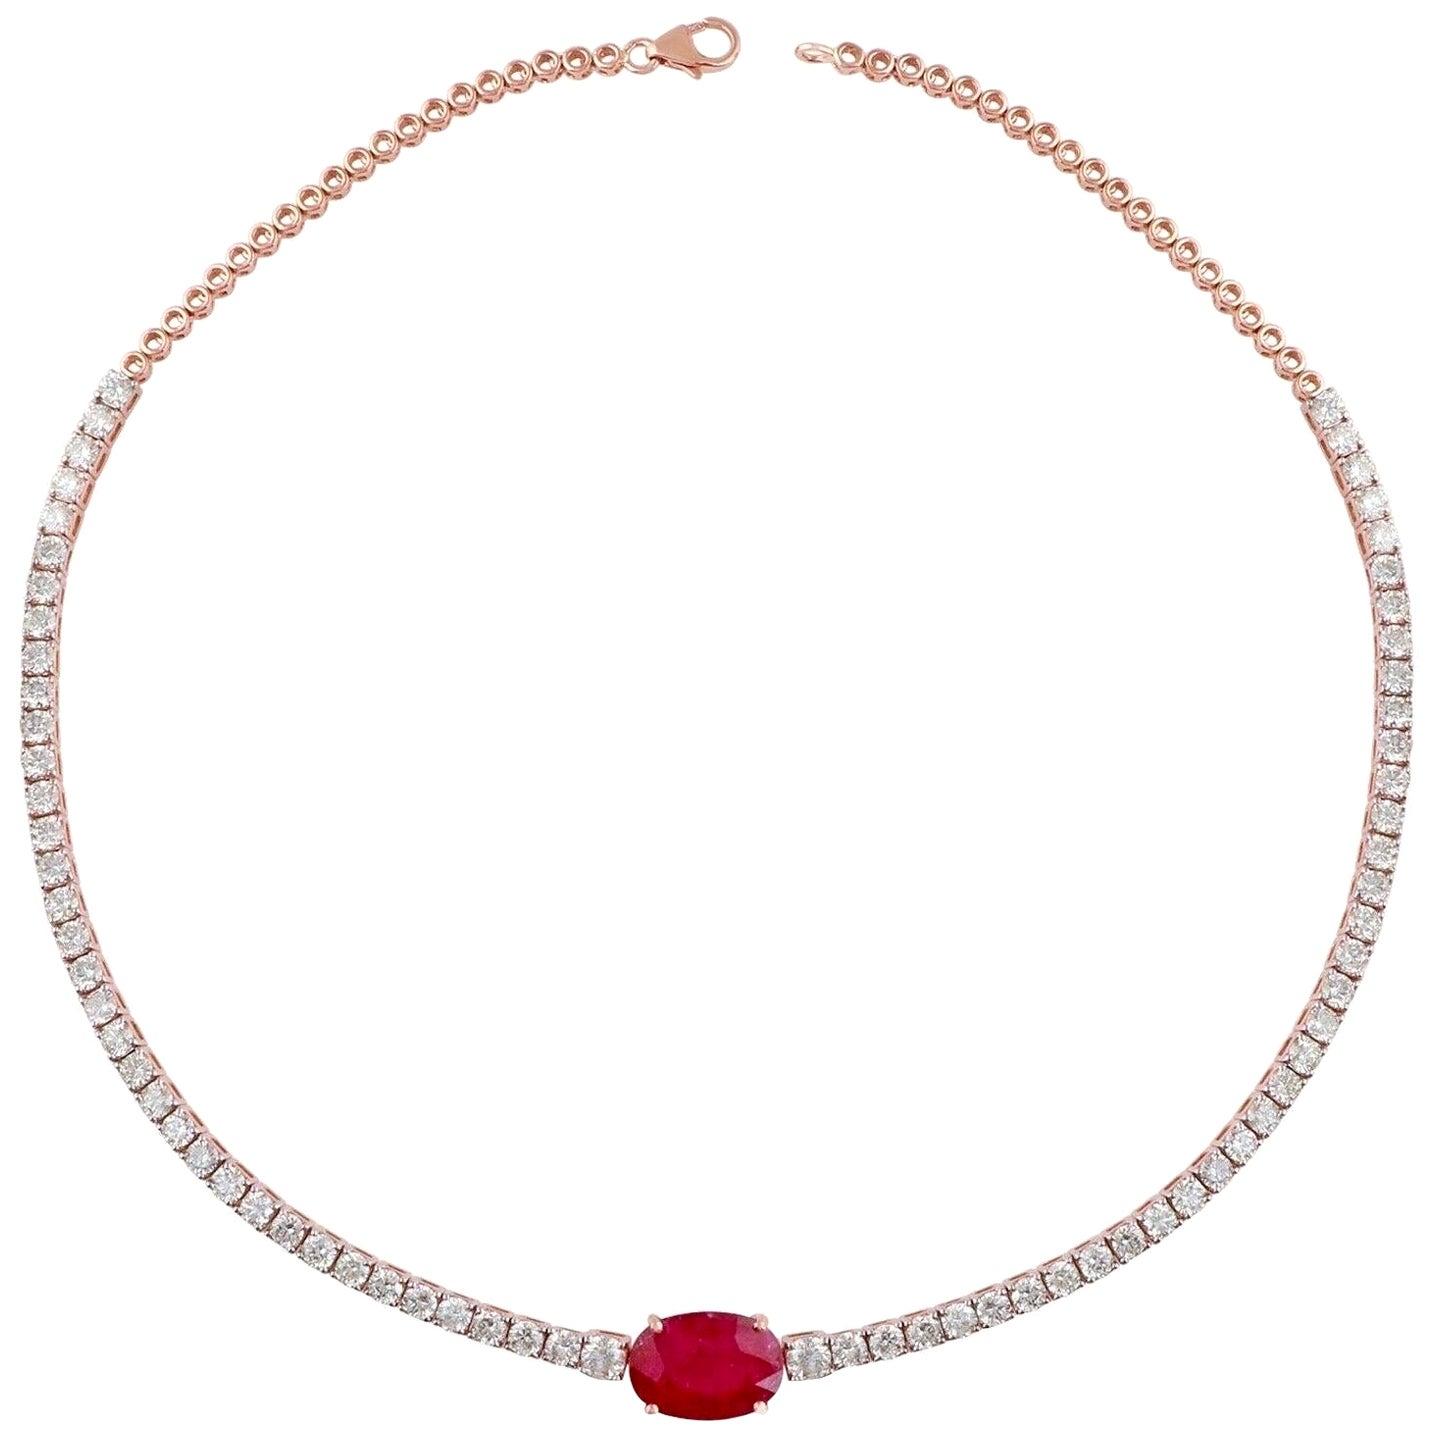 6.10 Carat Diamond 18 Karat Rose Gold Choker Necklace